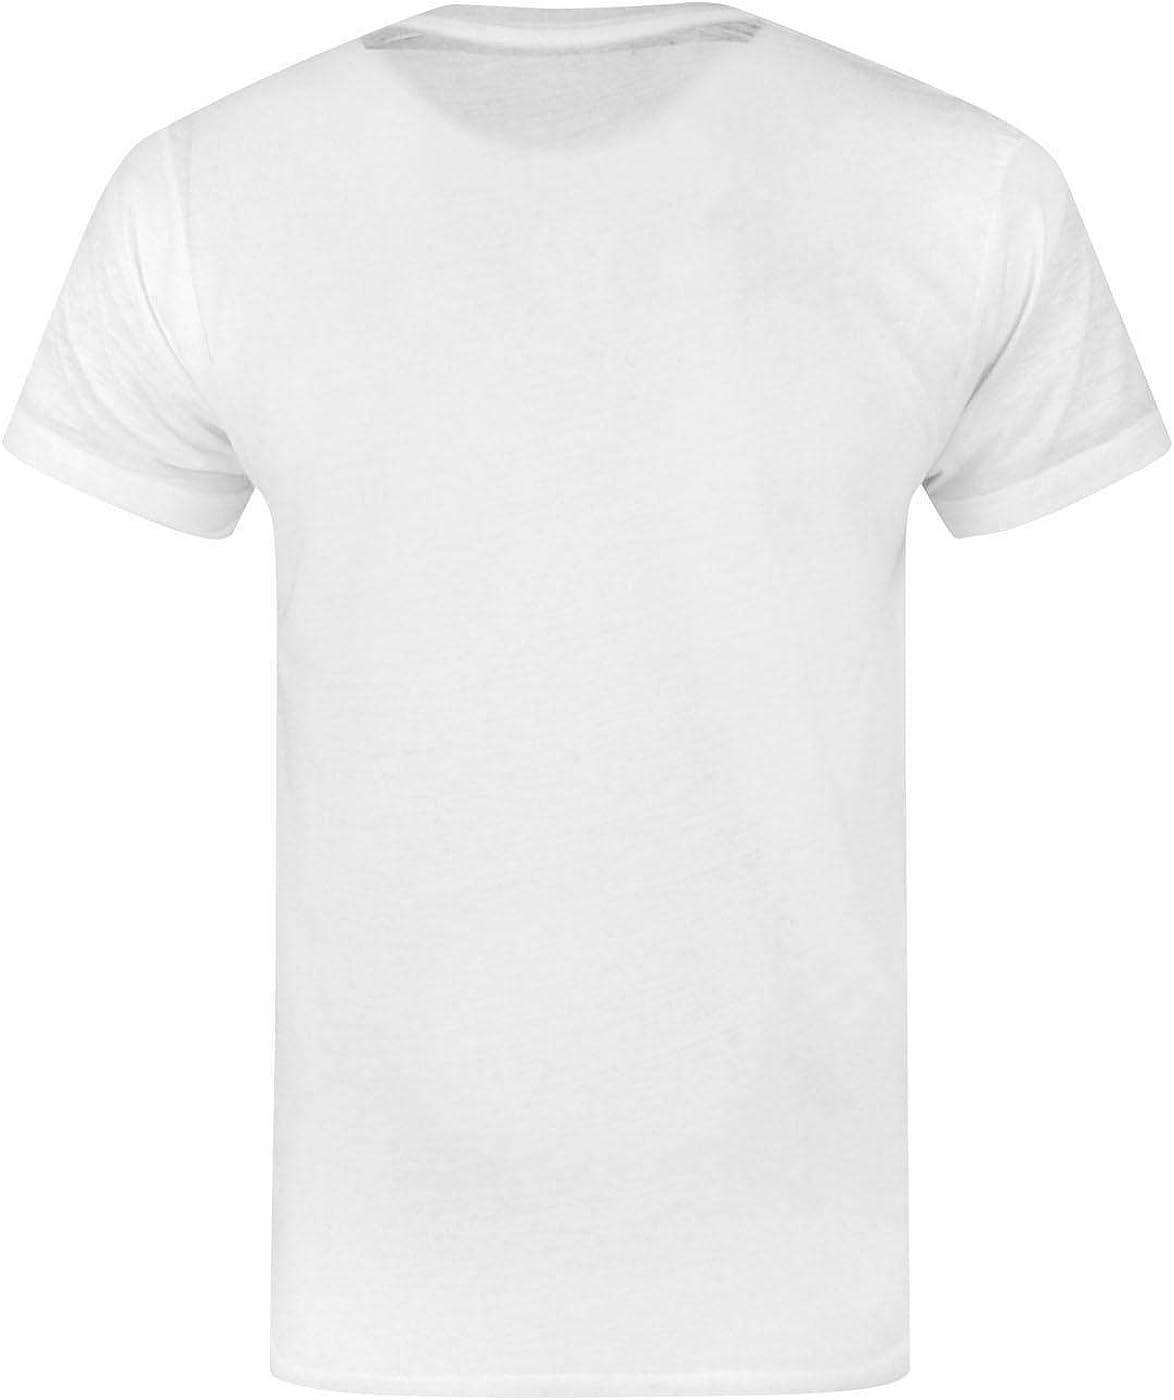 Star Wars Attack Of The Clones Hombres Camiseta: Amazon.es: Ropa y accesorios